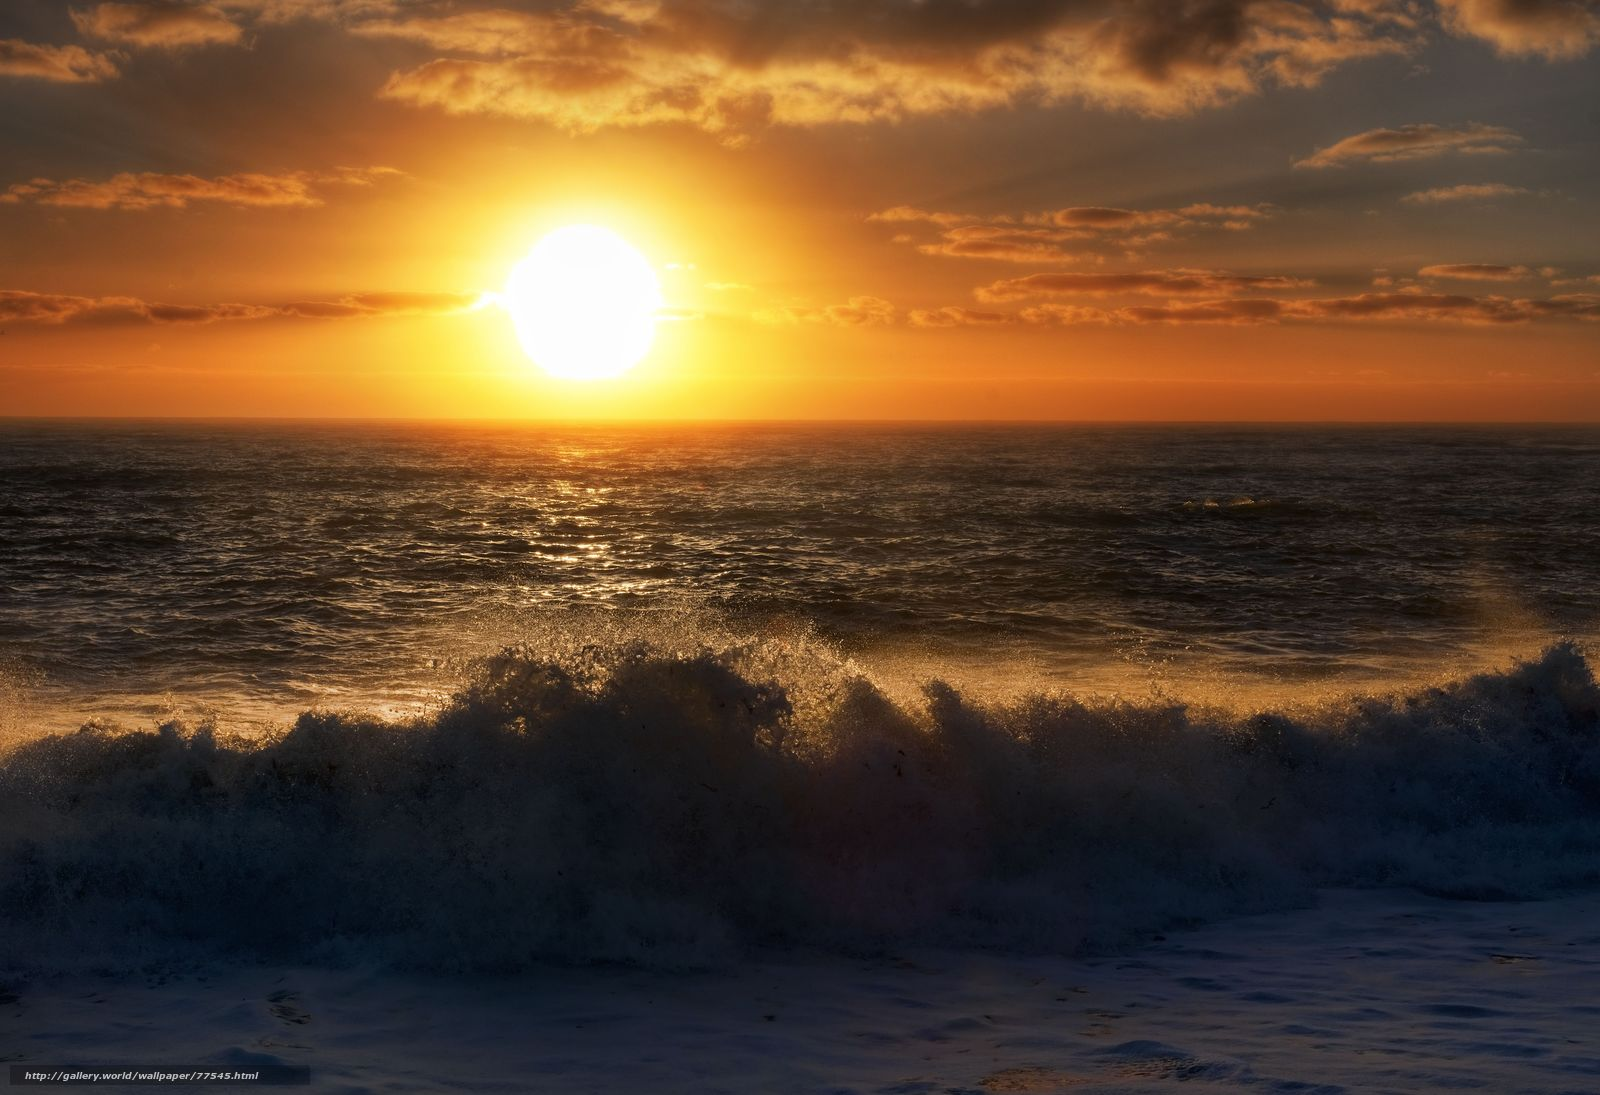 Zalazak sunca-Nebo - Page 8 77545_zakat_more_priboj_nebo_5420x3710_%28www.GdeFon.ru%29